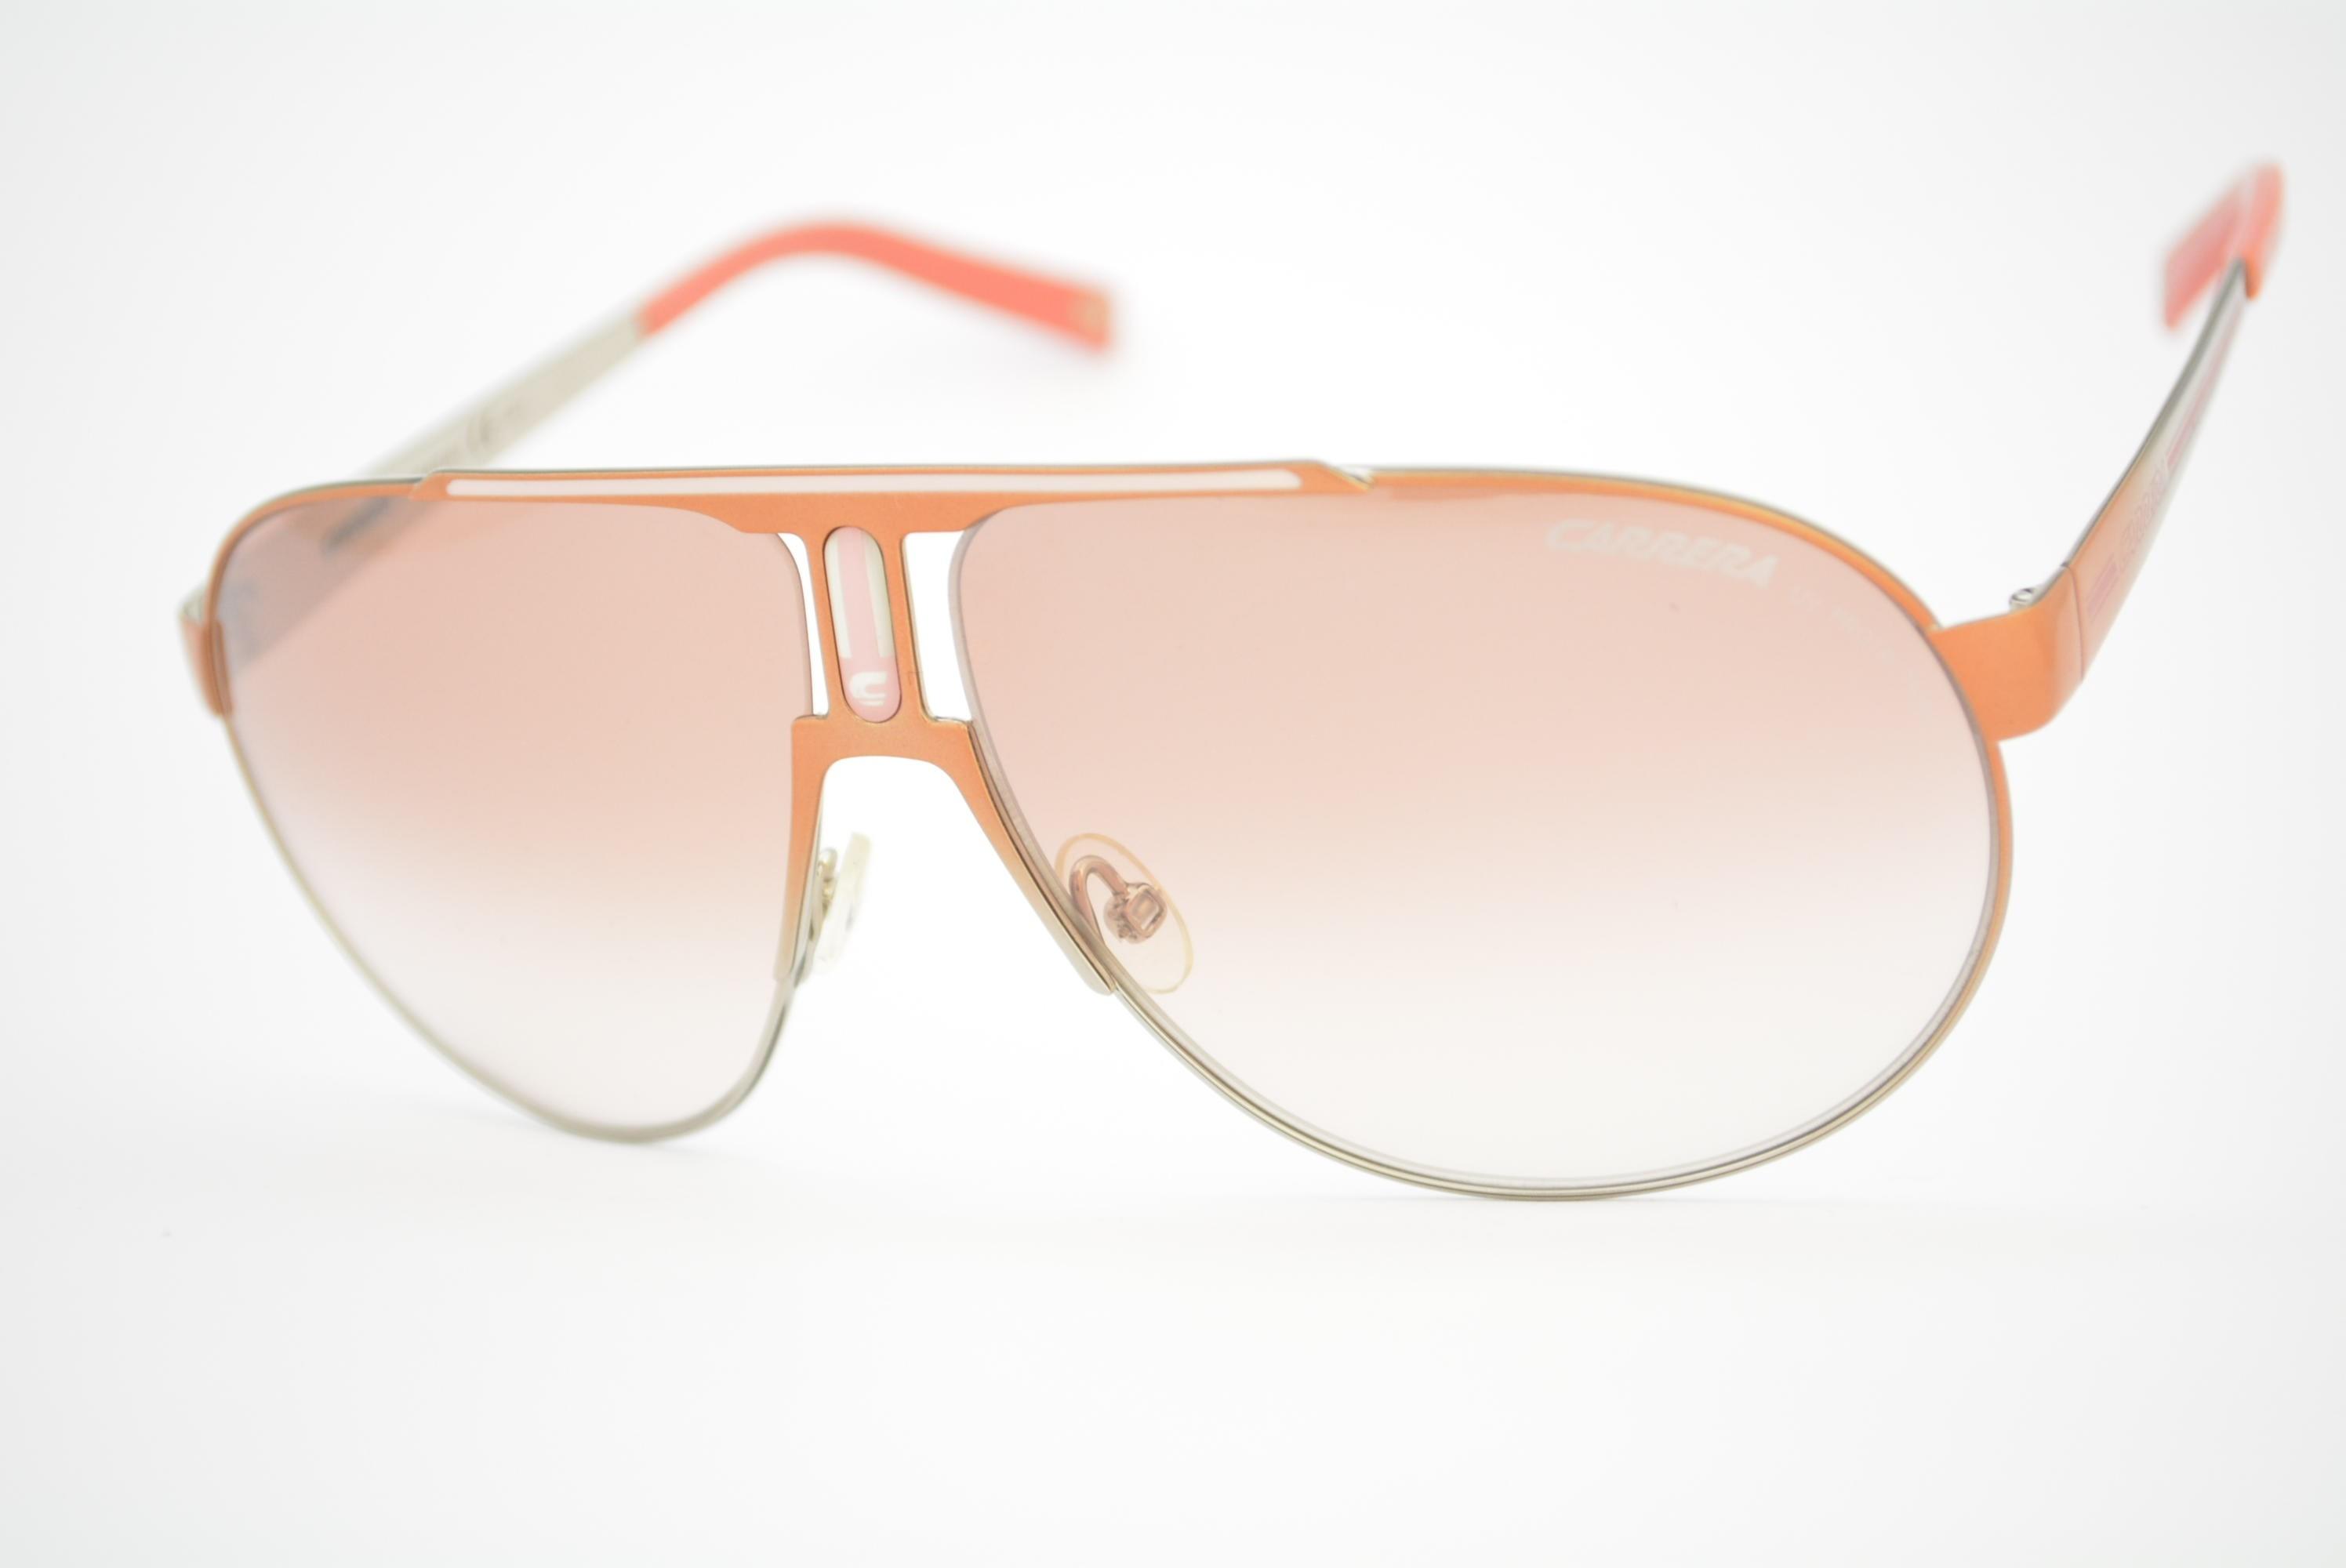 81c26005c óculos de sol Carrera mod Panamerika 1/P KYAF5 Ótica Cardoso